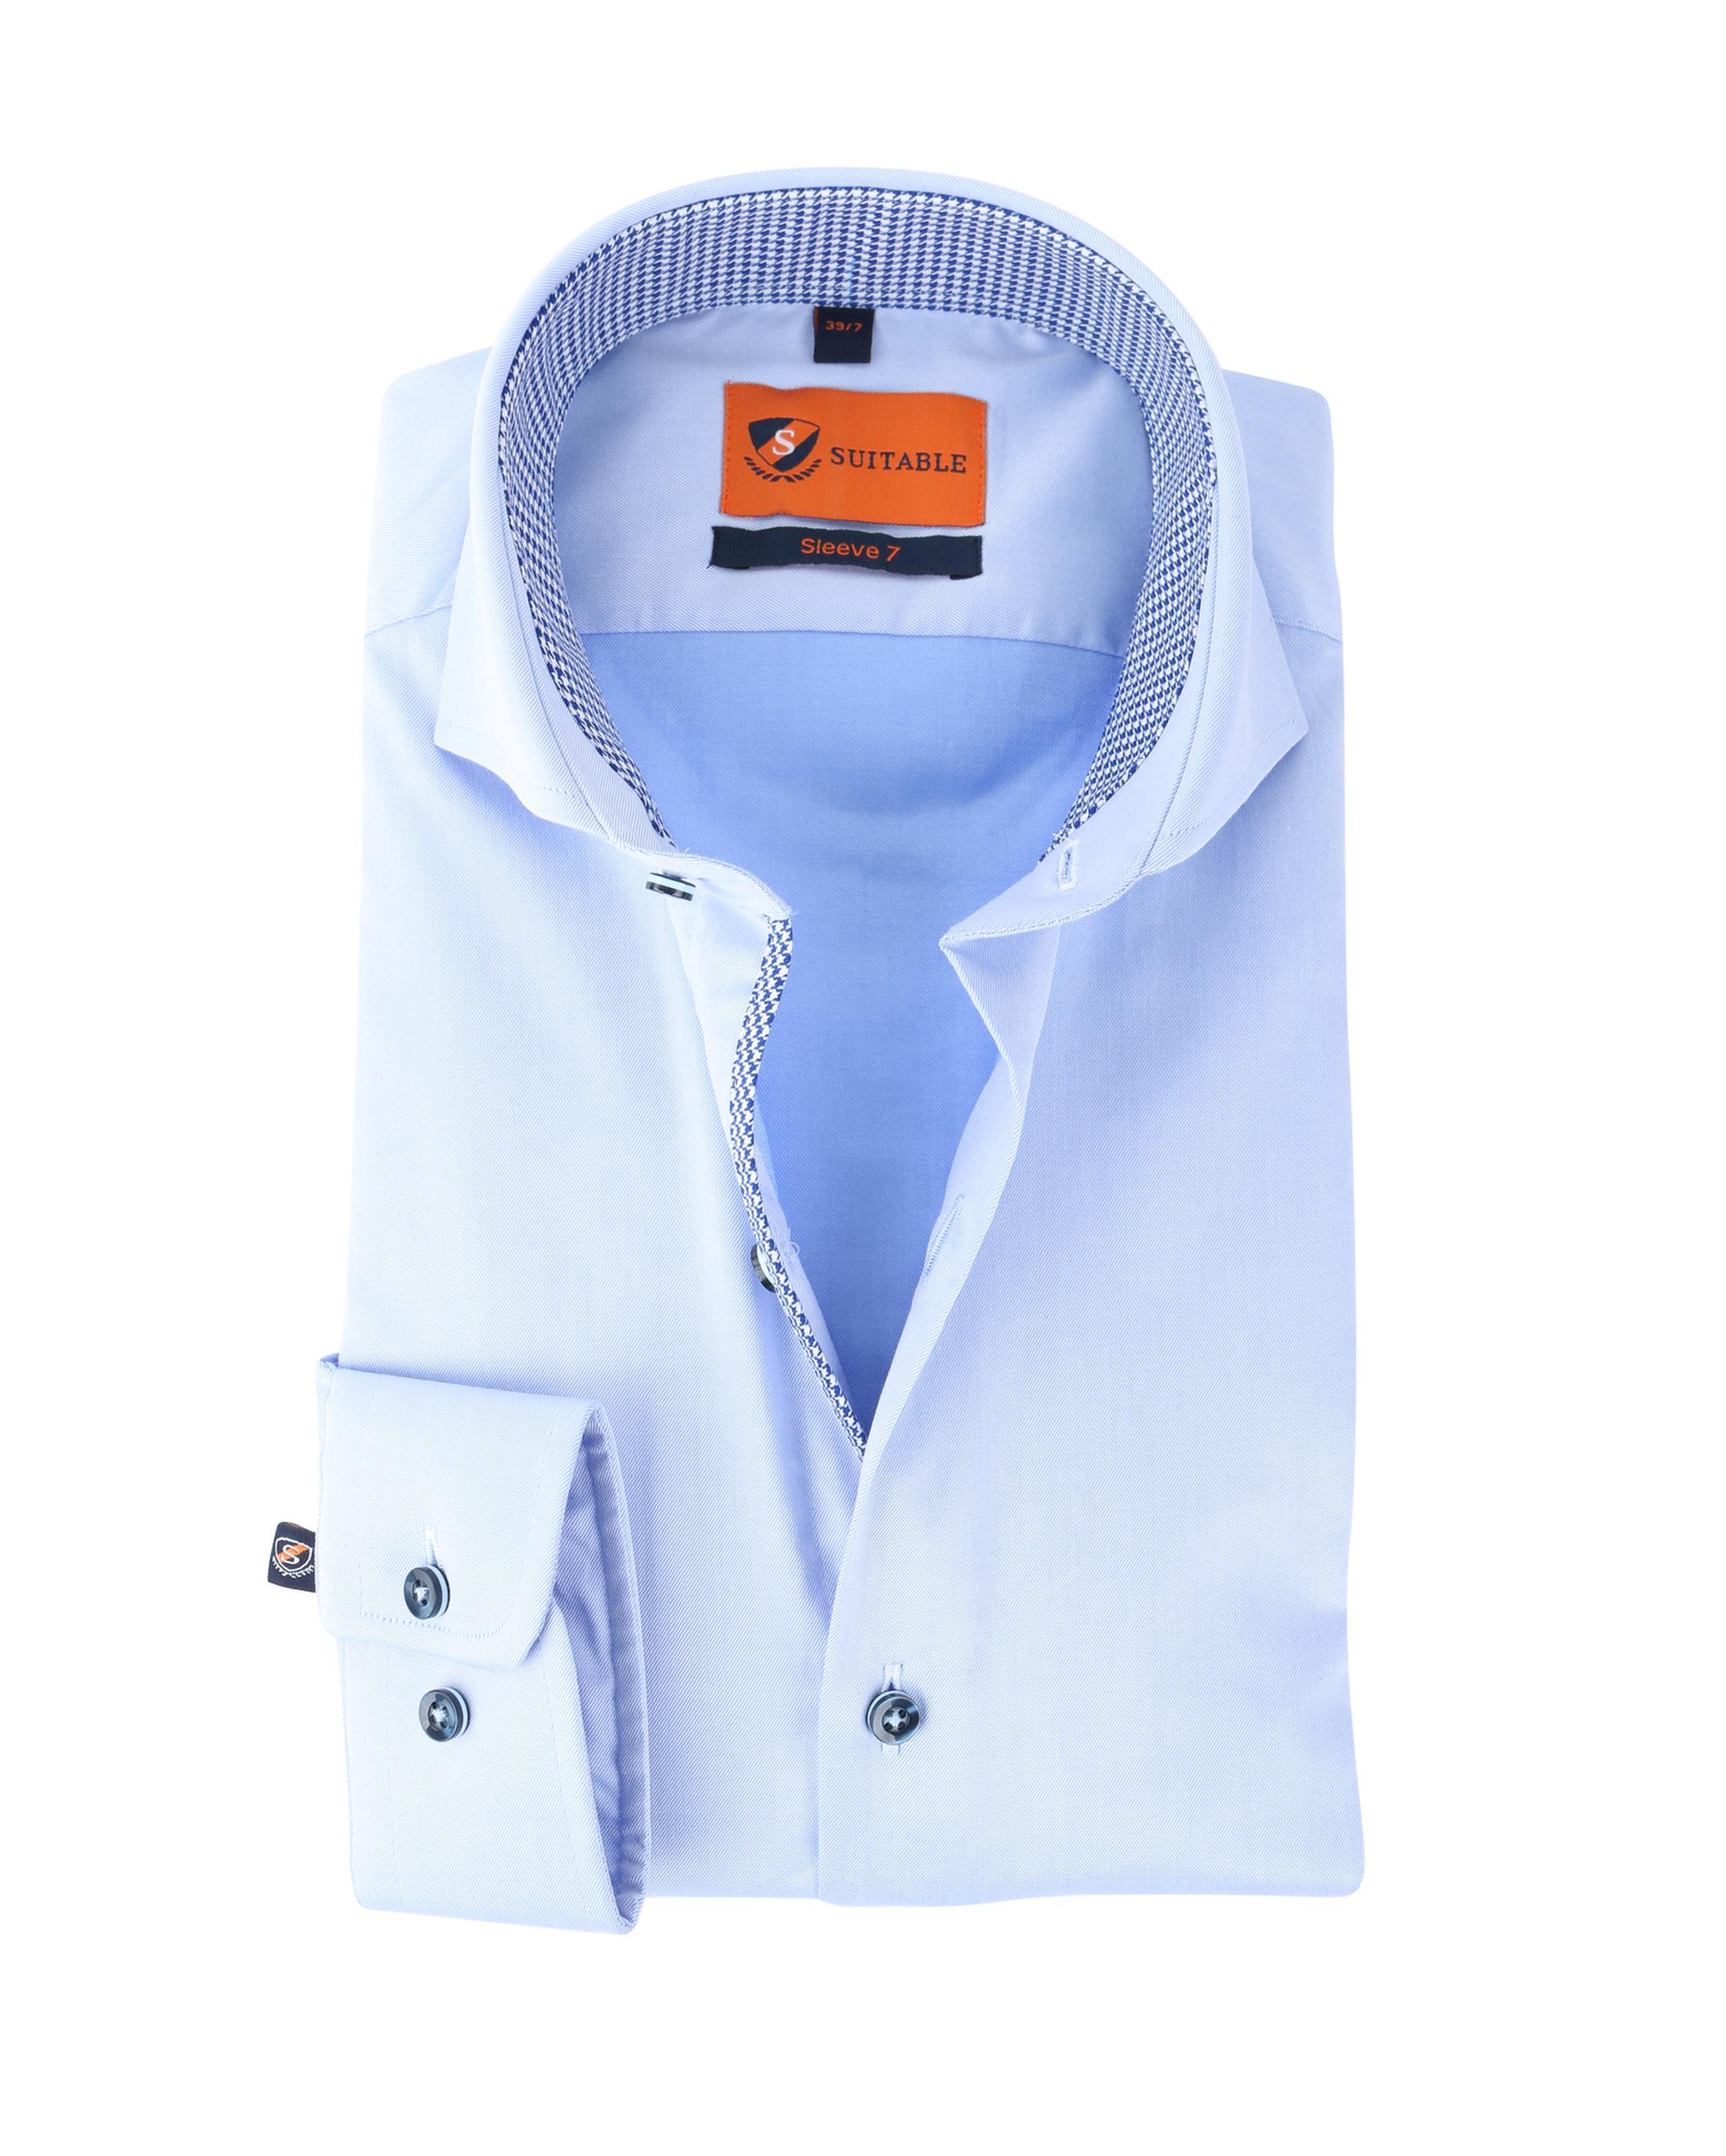 Suitable Overhemd SL7 Blauw 140-2 foto 0